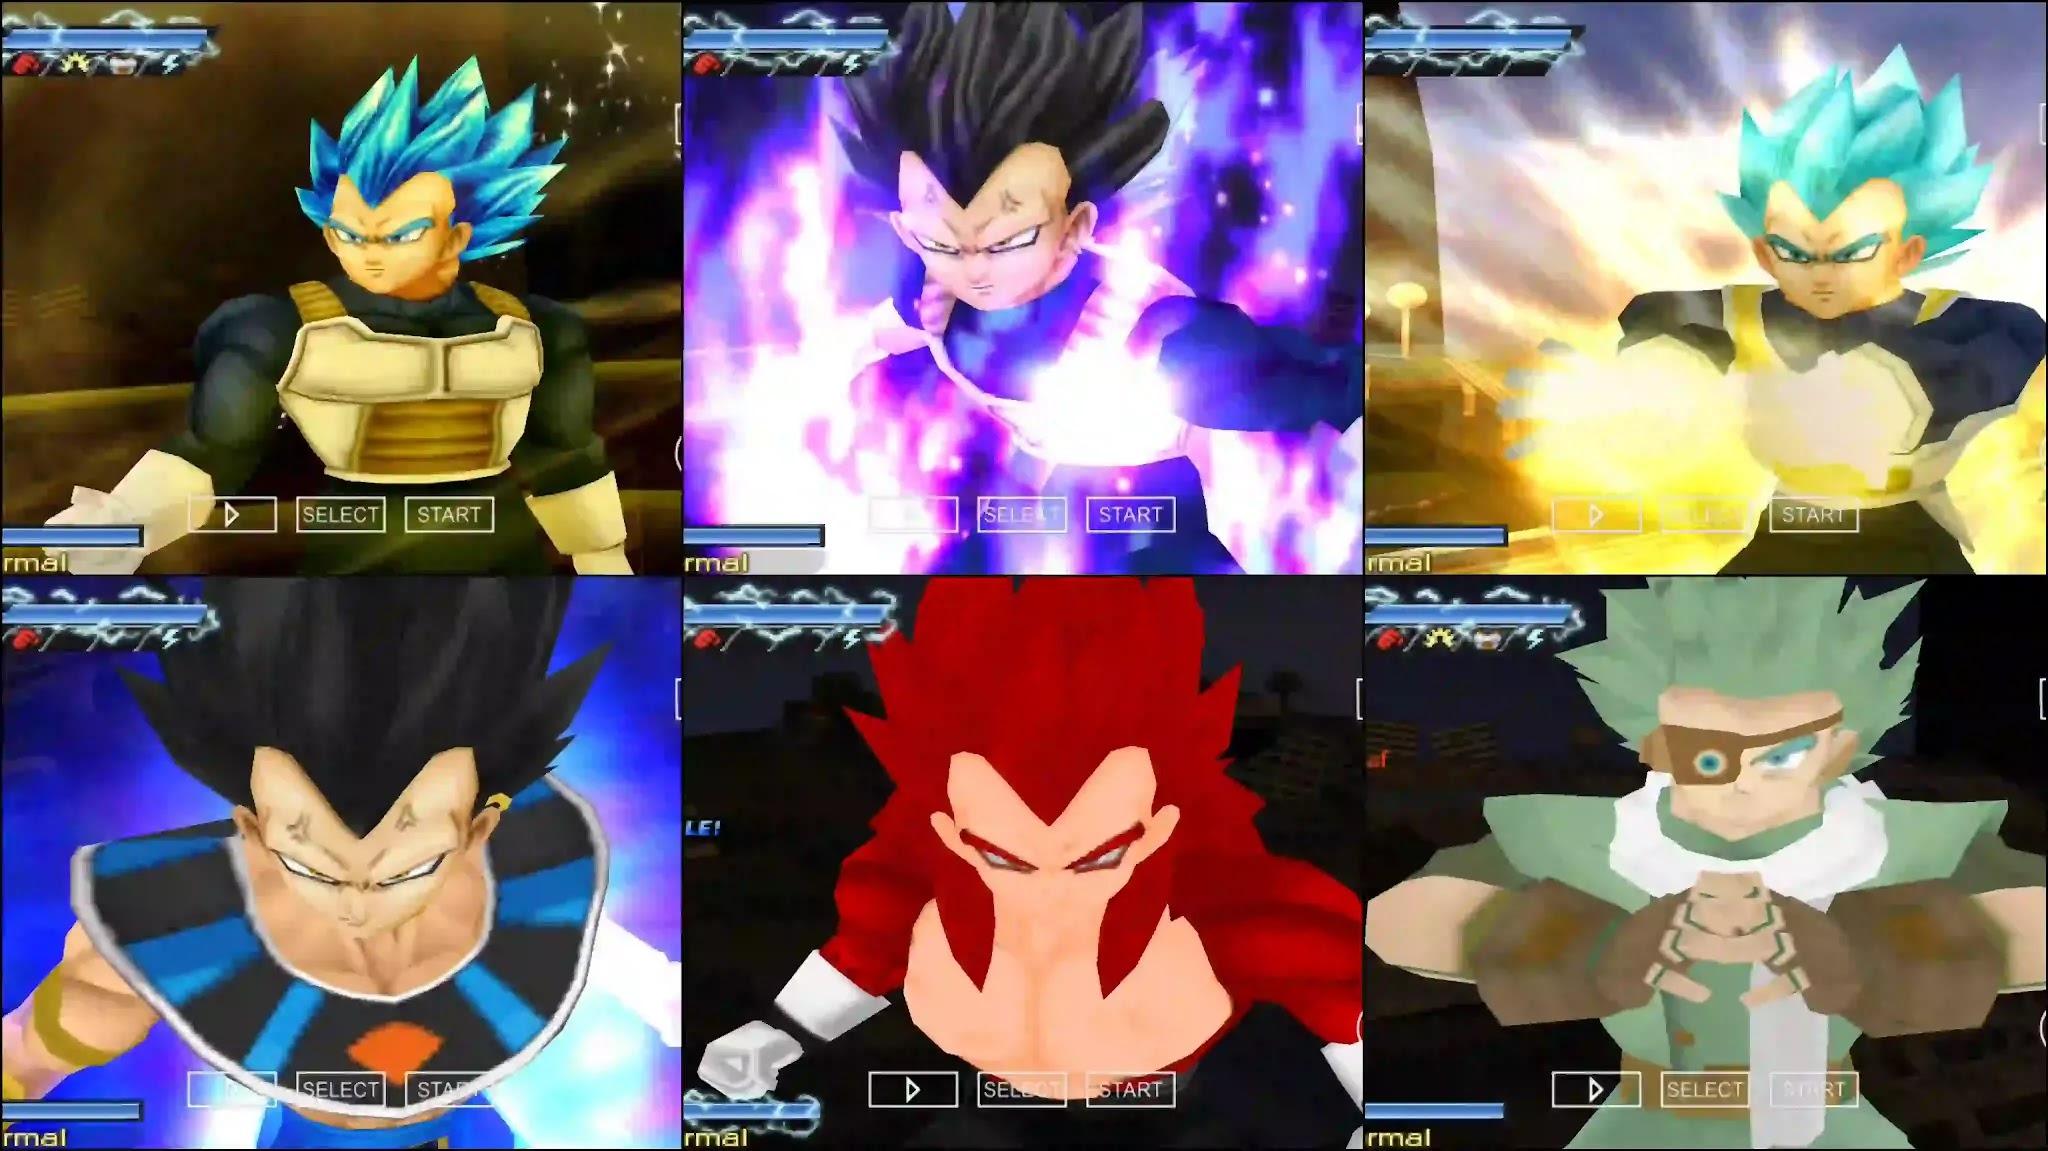 Dragon Ball Super Manga Vegeta Ultra Ego Vs Granola